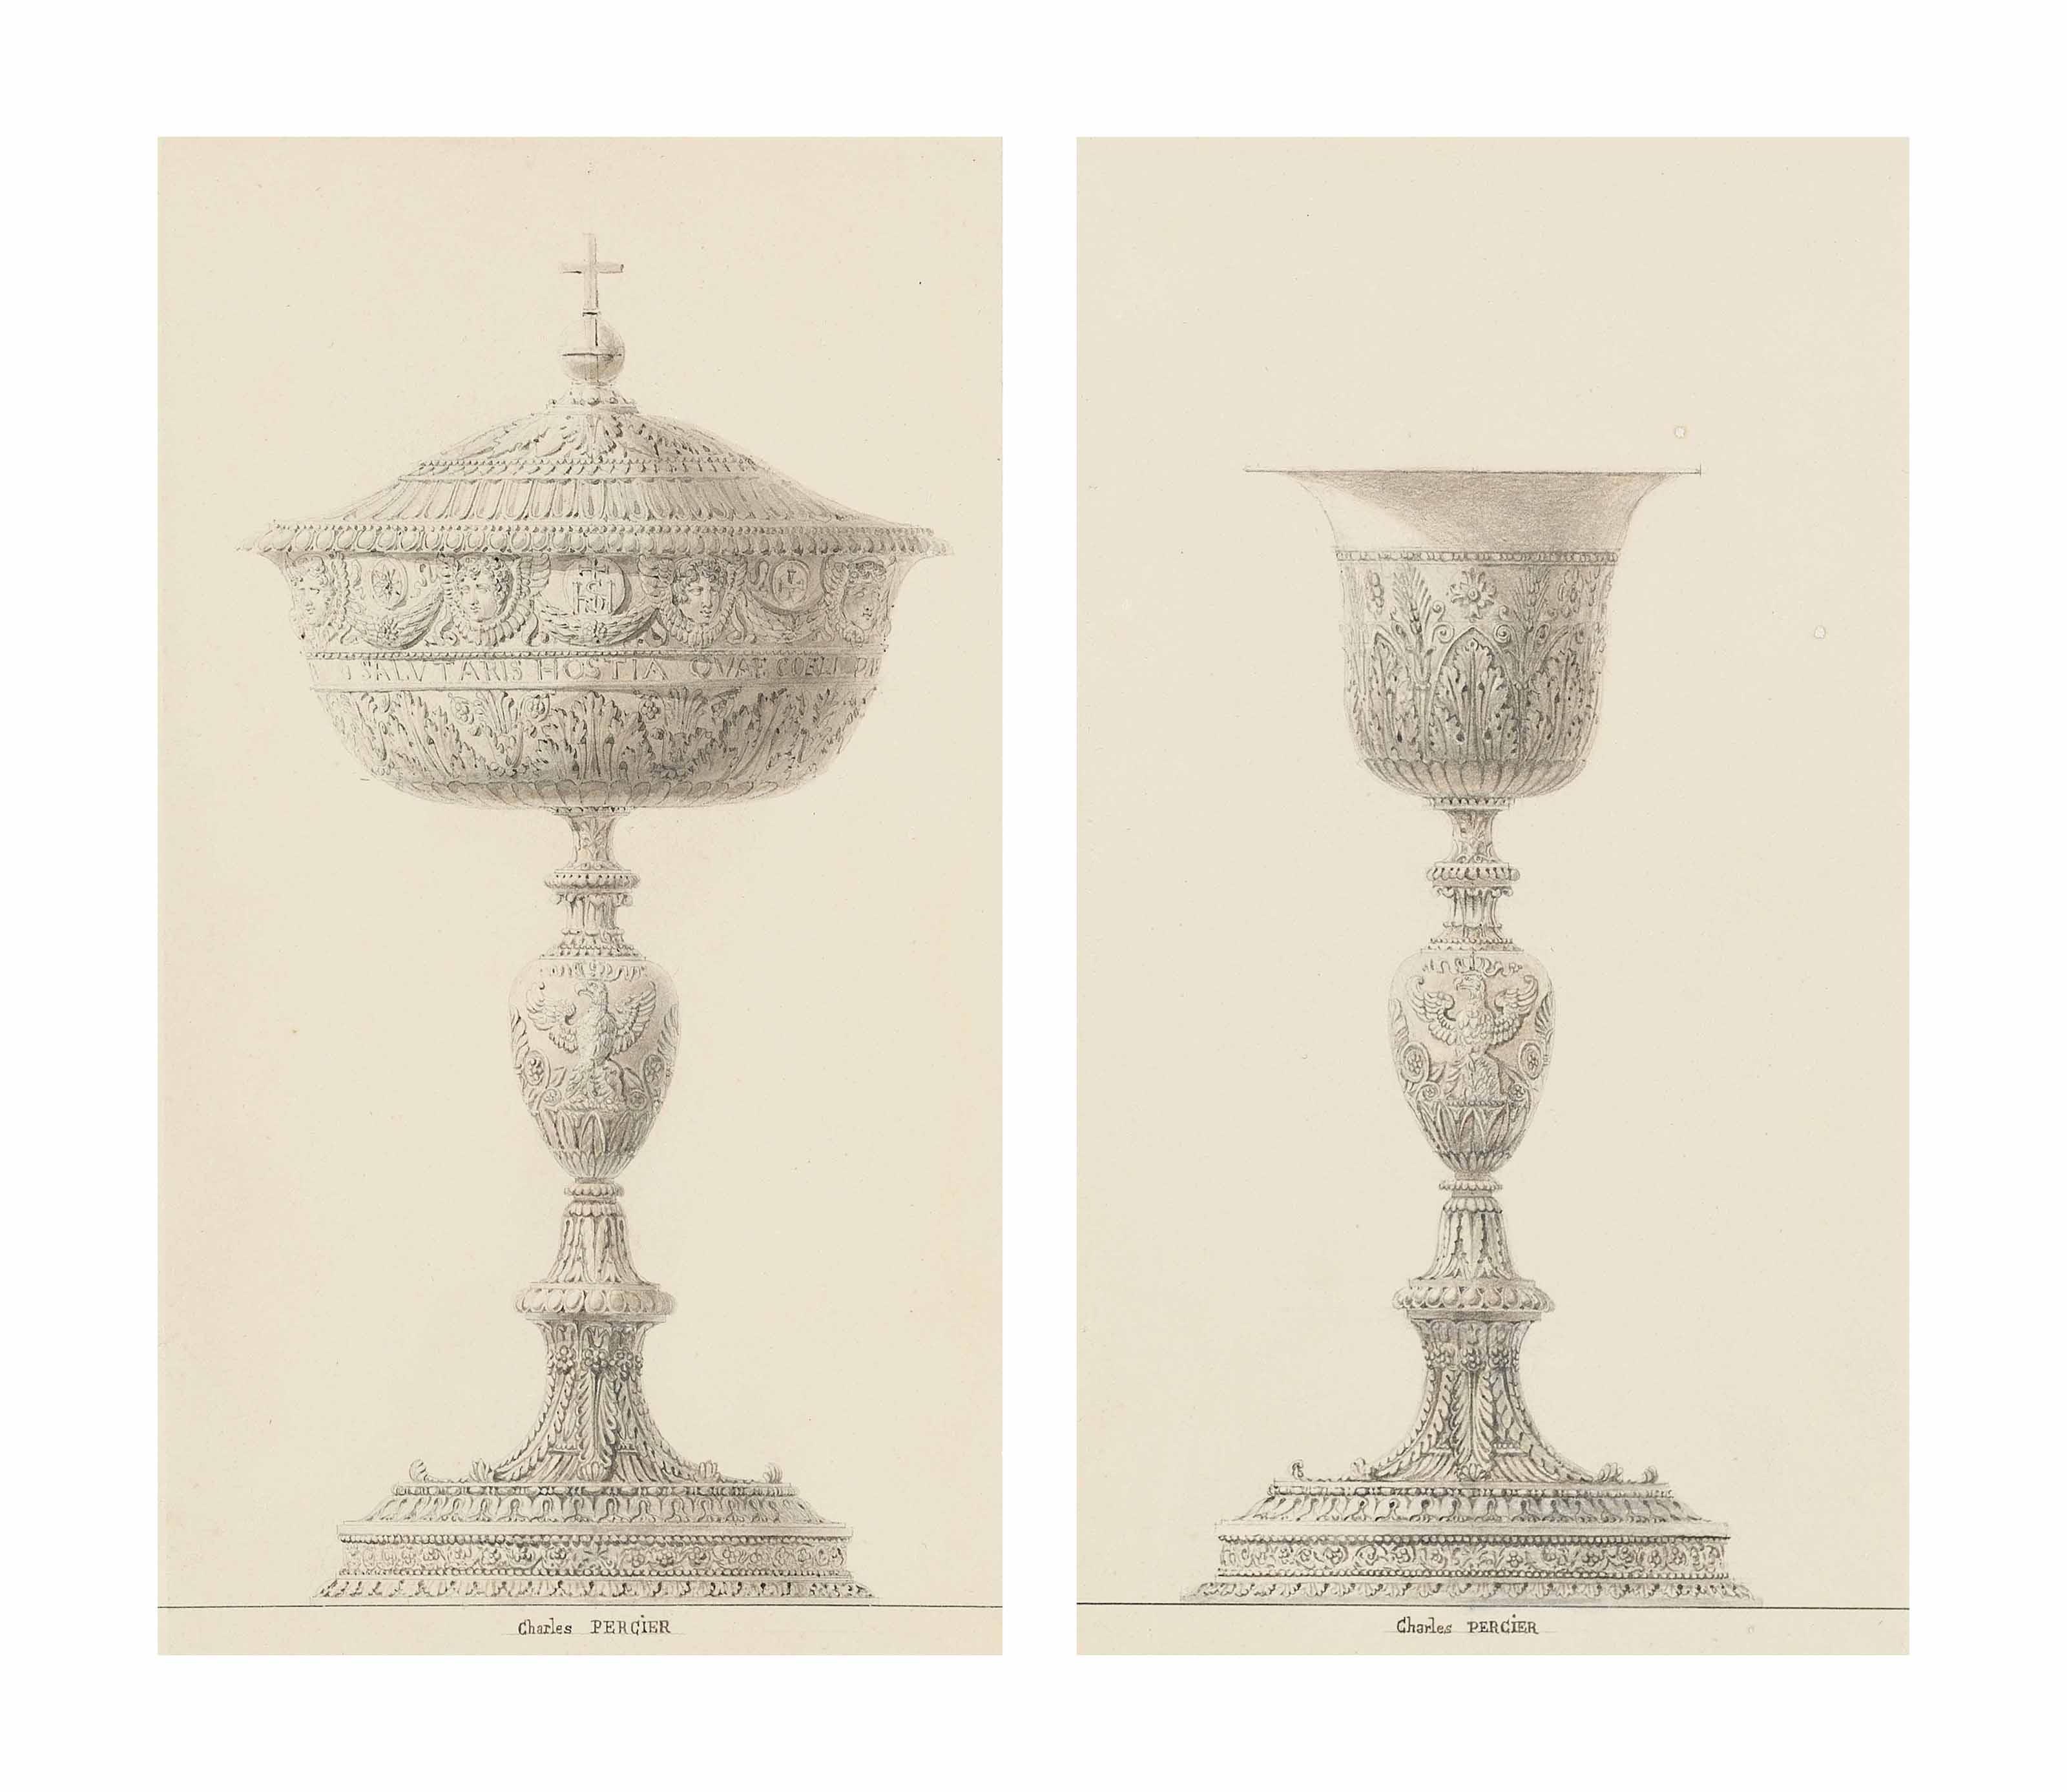 A ciborium; and A chalice: Designs for the coronation of Napoleon